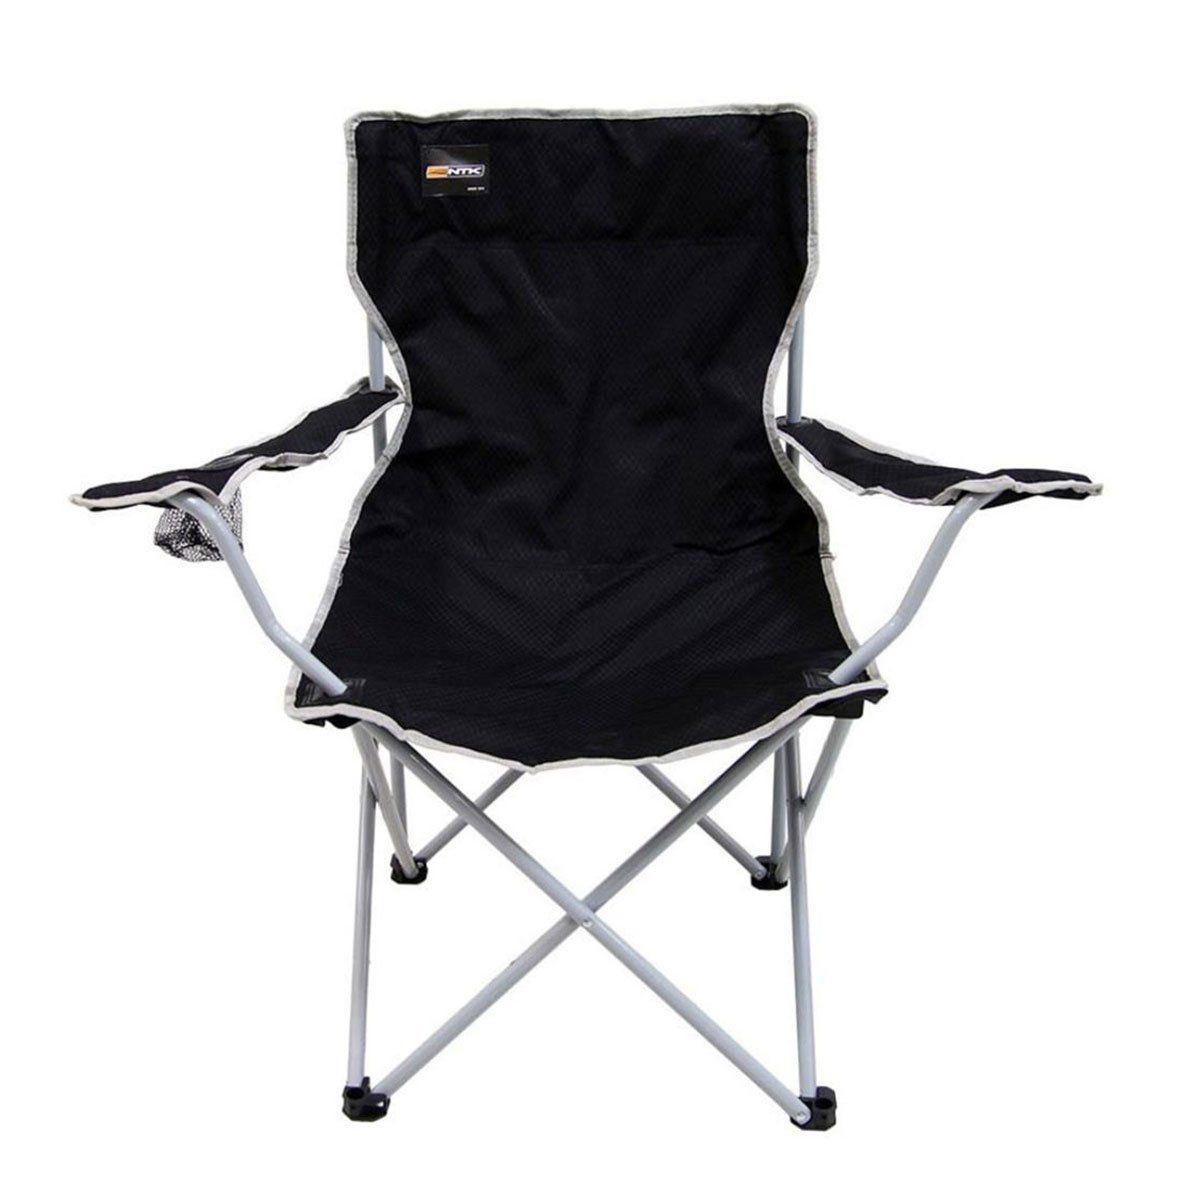 Cadeira Nautika Alvorada Dobrável para Camping Cor Preto